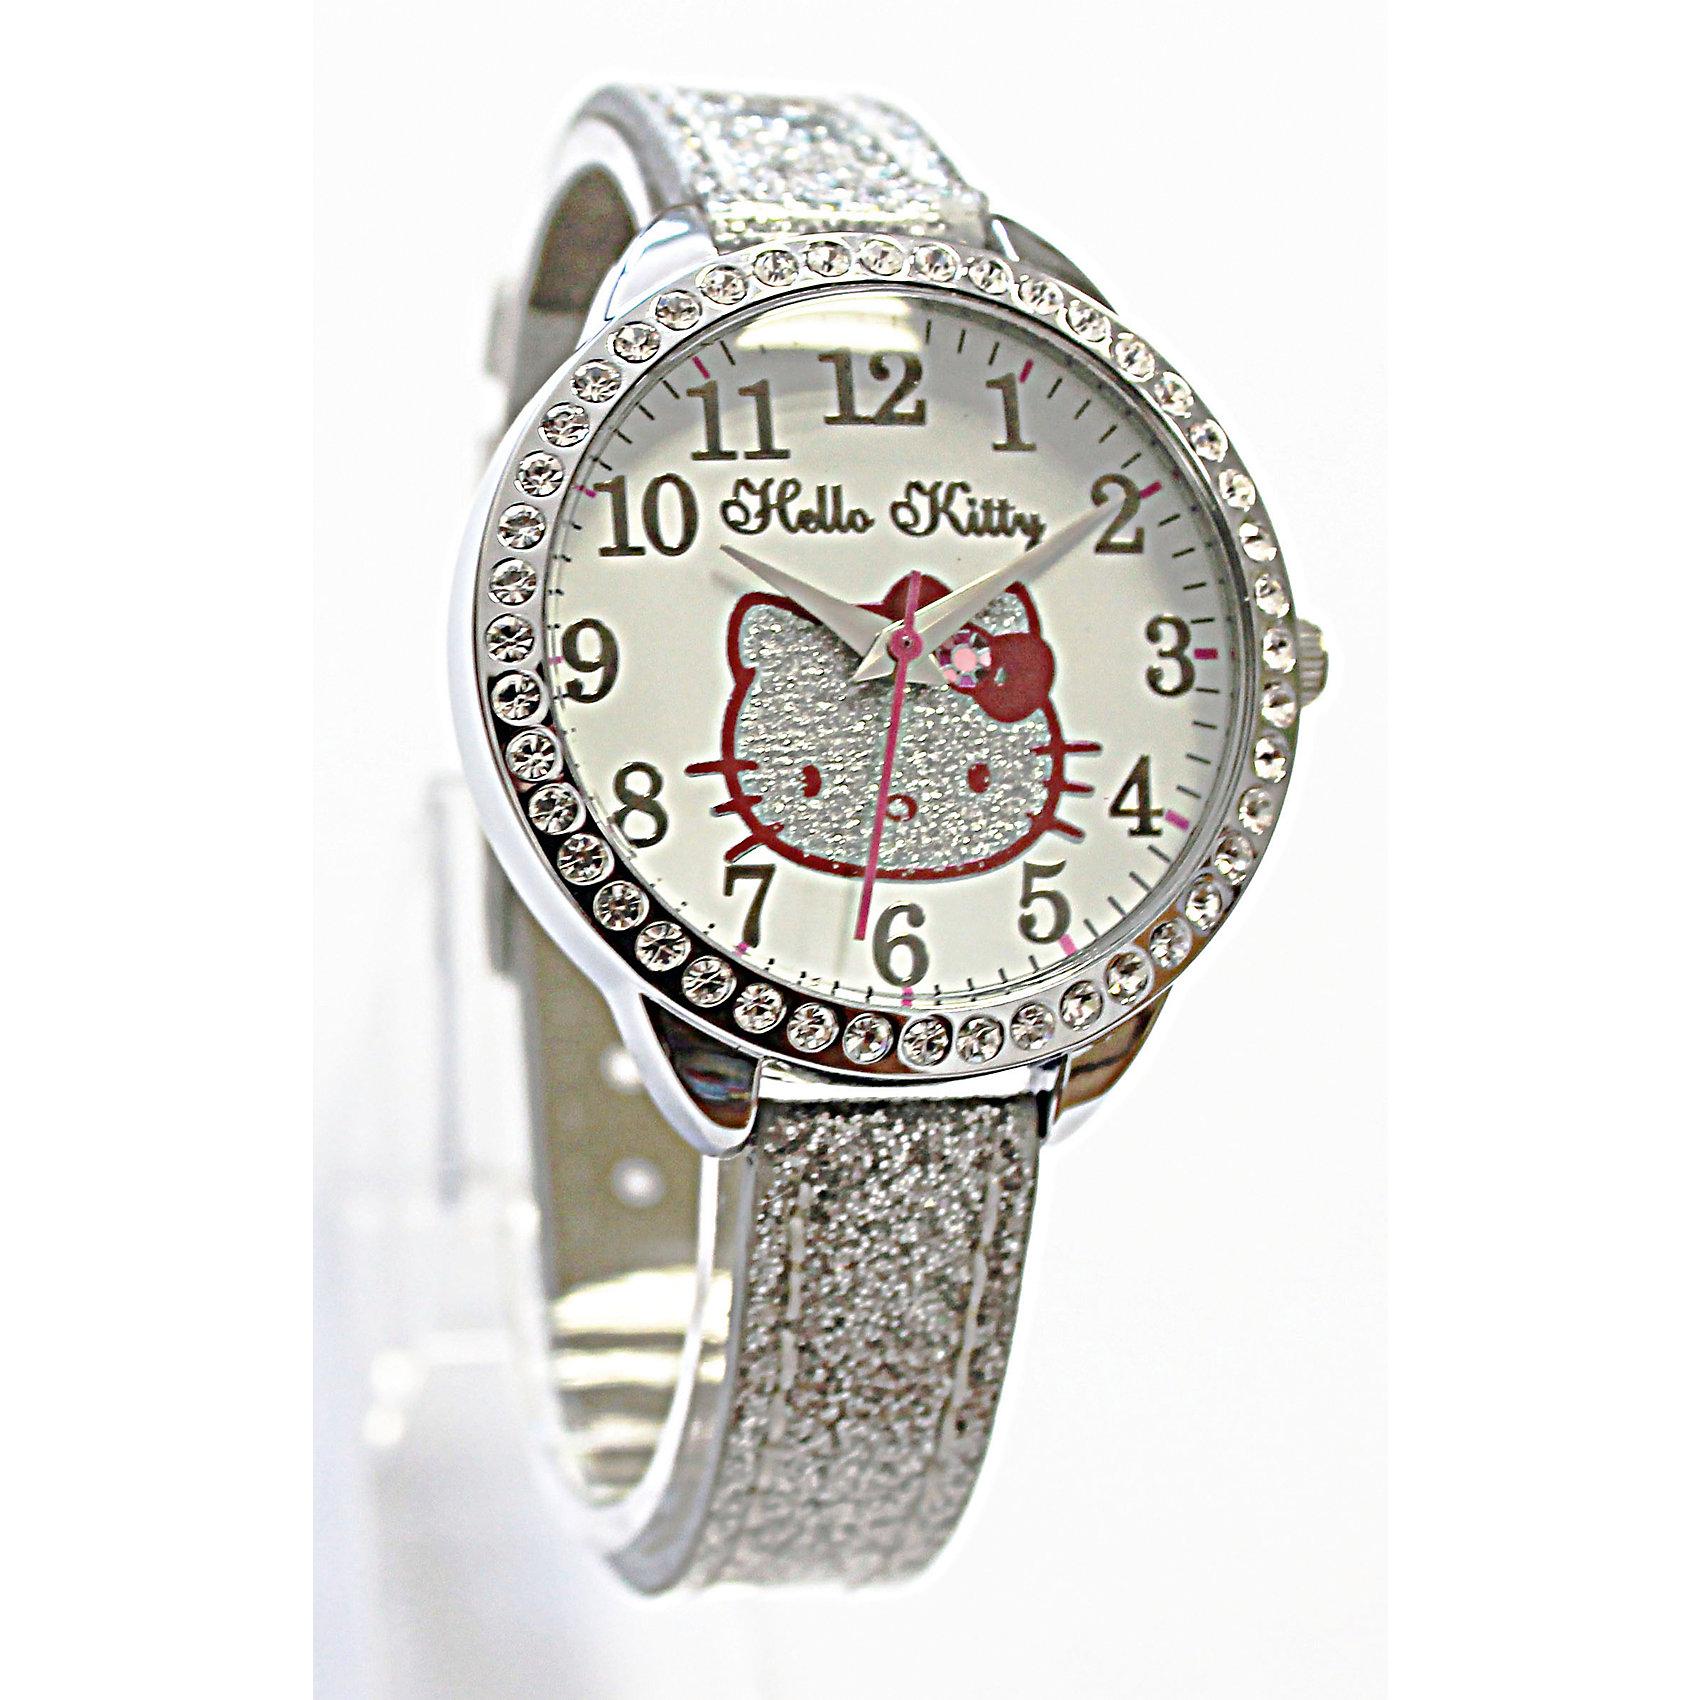 Часы наручные аналоговые, Hello KittyАксессуары<br>Эксклюзивные наручные аналоговые часы торговой марки Hello Kitty выполнены по индивидуальному дизайну ООО «Детское Время» и лицензии компании Sanrio. Обилие деталей - декоративных элементов (страз, мерцающих ремешков), надписей,  уникальных изображений - делают изделие тщательно продуманным творением мастеров. Часы имеют высококачественный японский кварцевый механизм и отличаются надежностью и точностью хода. Часы водоустойчивы и обладают достаточной герметичностью, чтобы спокойно перенести случайный и незначительный контакт с жидкостями (дождь, брызги), но они не предназначены для плавания или погружения в воду. Циферблат защищен от повреждений прочным минеральным стеклом. Корпус часов выполнен из стали,  задняя крышка из нержавеющей стали. Материал браслета: искусственная кожа. Единица товара упаковывается в стильную подарочную коробочку. Неповторимый стиль с изобилием насыщенных и в тоже время нежных гамм; надежность и прочность изделия позволяют говорить о нем только в превосходной степени!<br><br>Ширина мм: 55<br>Глубина мм: 10<br>Высота мм: 250<br>Вес г: 22<br>Возраст от месяцев: 36<br>Возраст до месяцев: 72<br>Пол: Женский<br>Возраст: Детский<br>SKU: 5529339